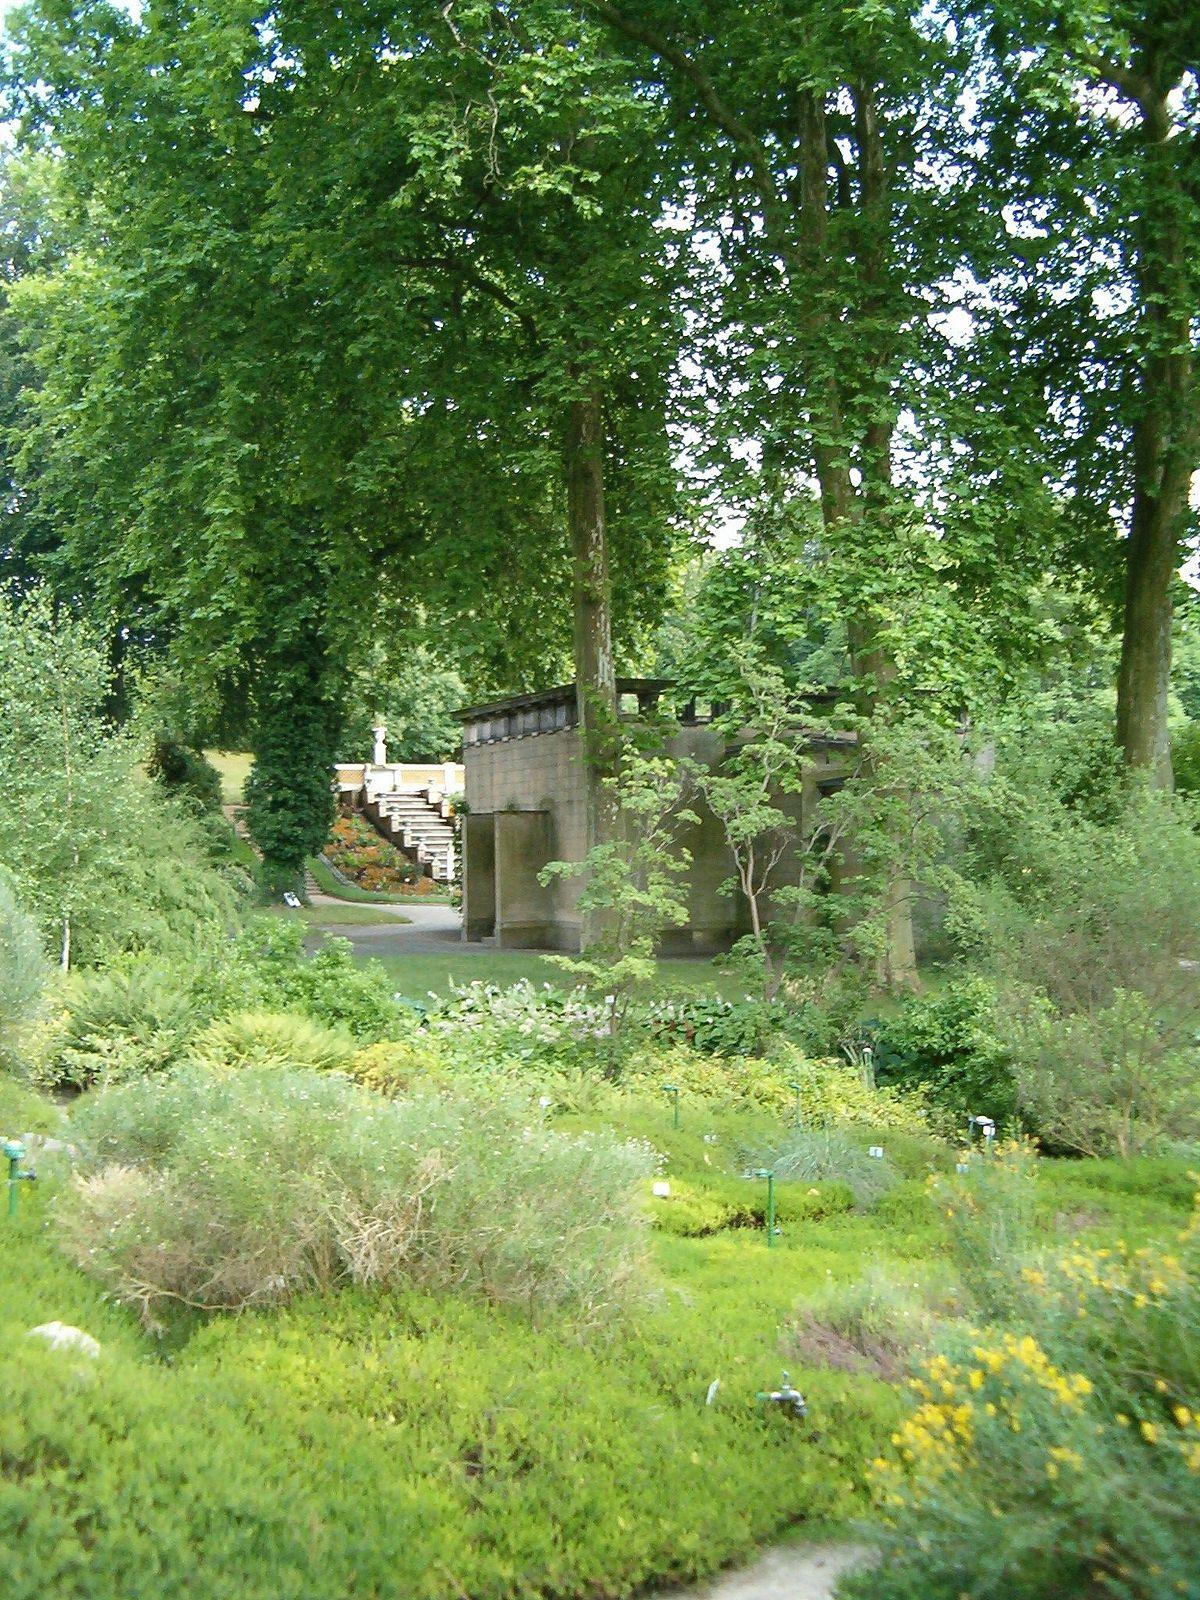 Jard n bot nico de potsdam wikipedia la enciclopedia libre for Jardin botanico tarifas